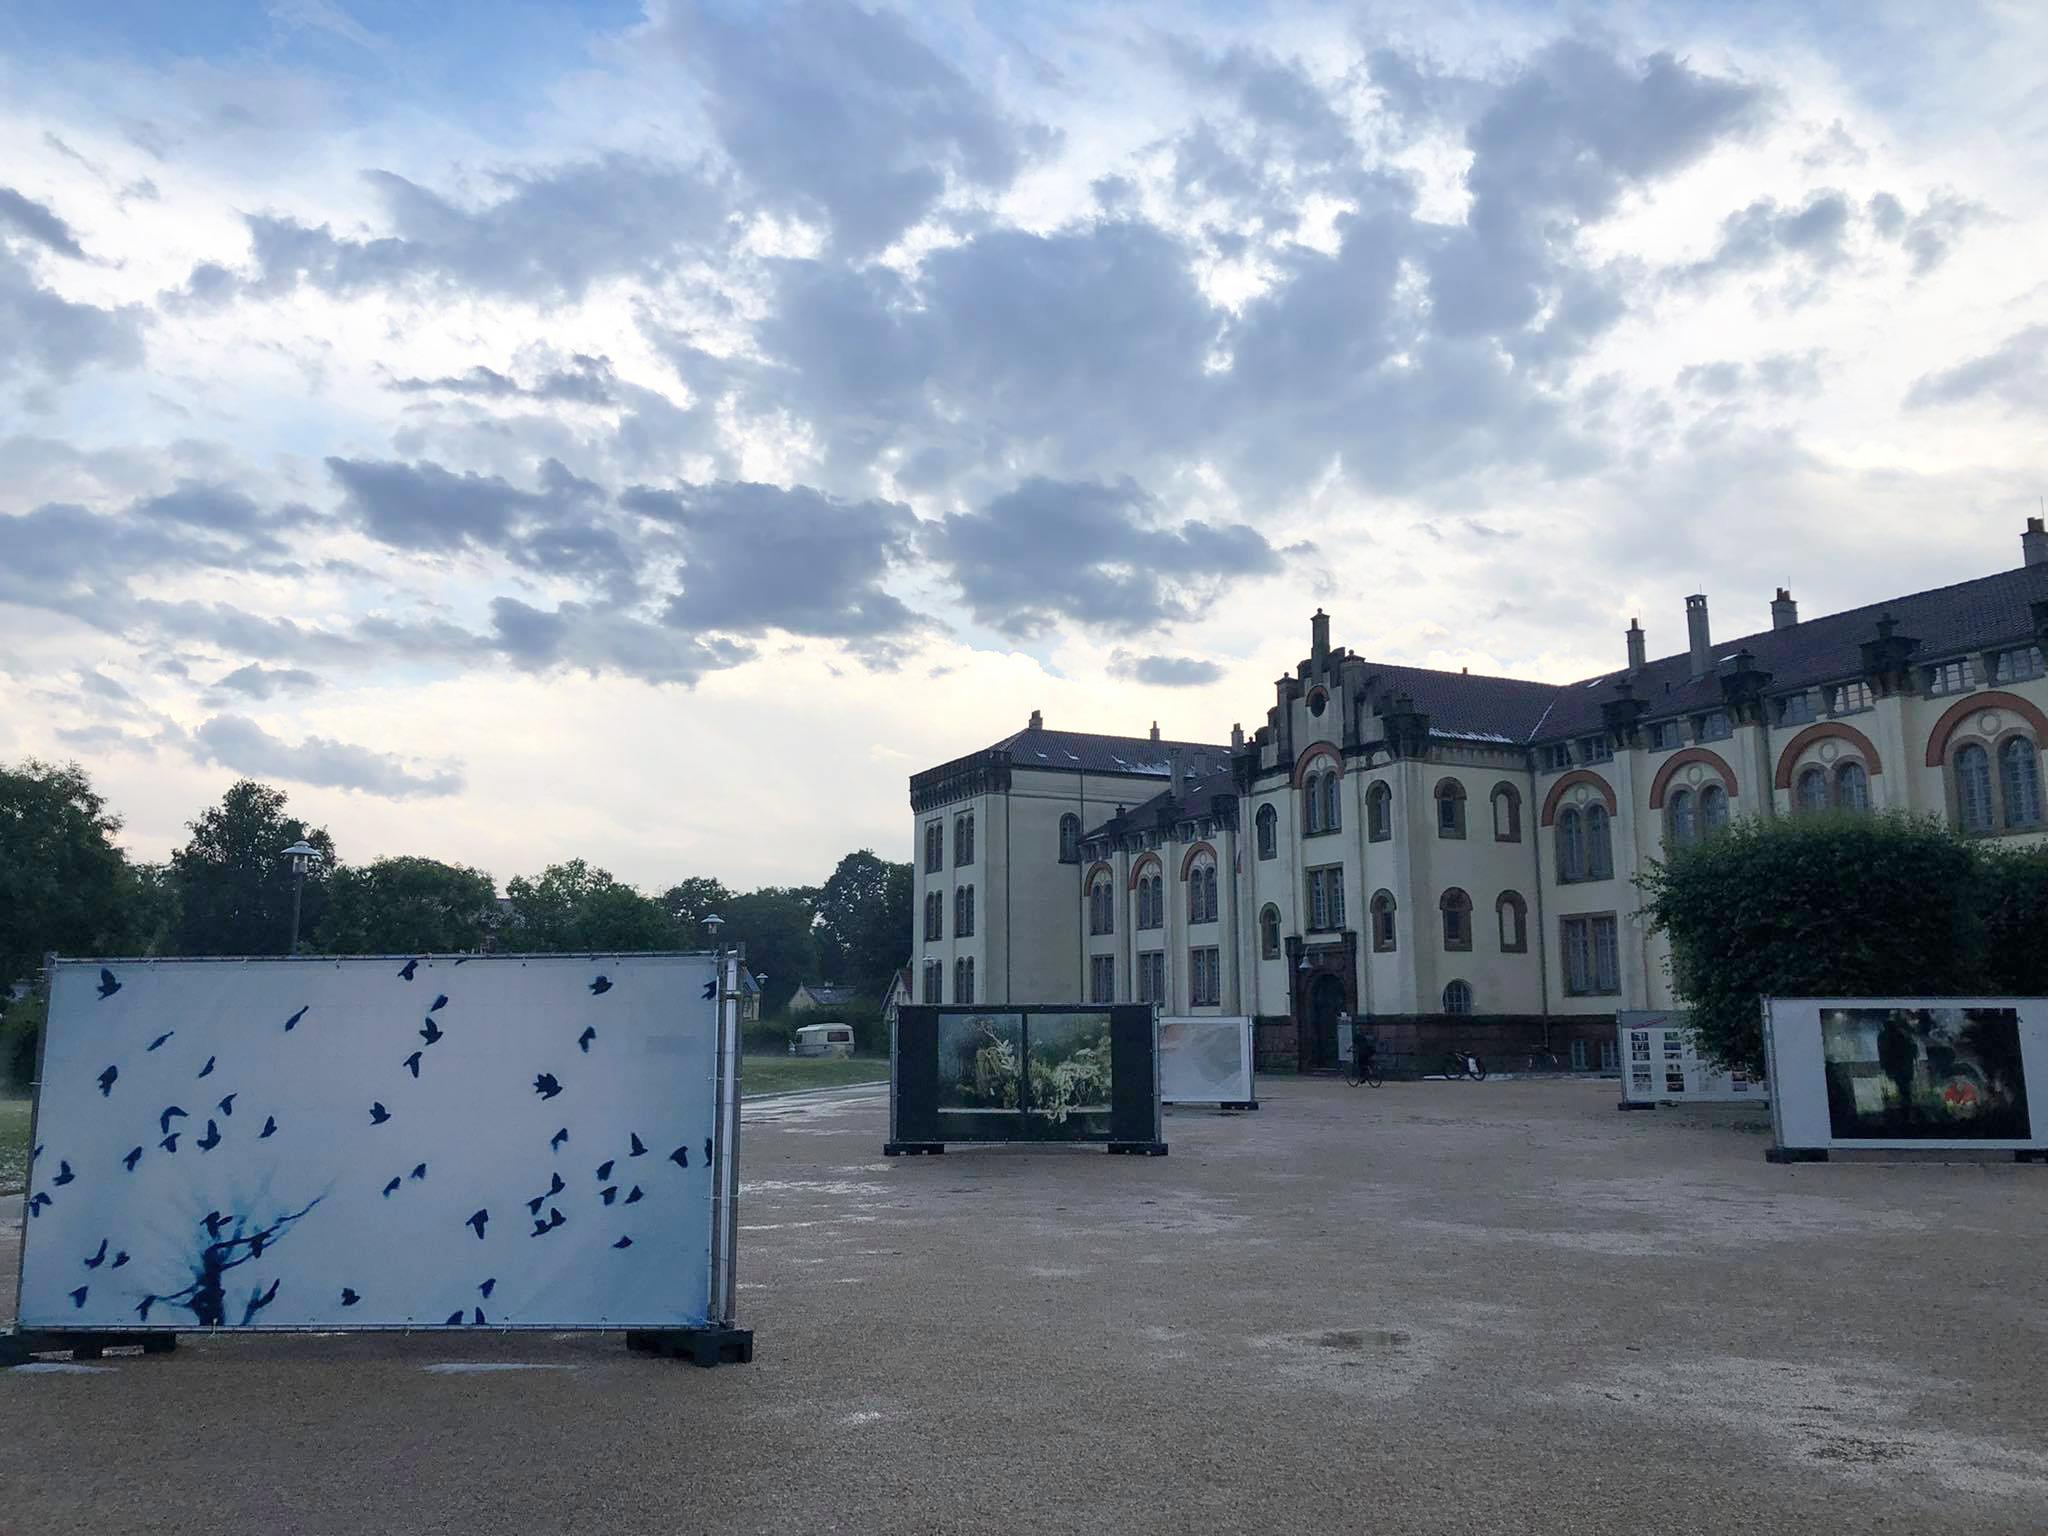 Aktuelles 6 – Trotzt Starkem Gewitter Hat Die Ausstellung Stand Gehalten!